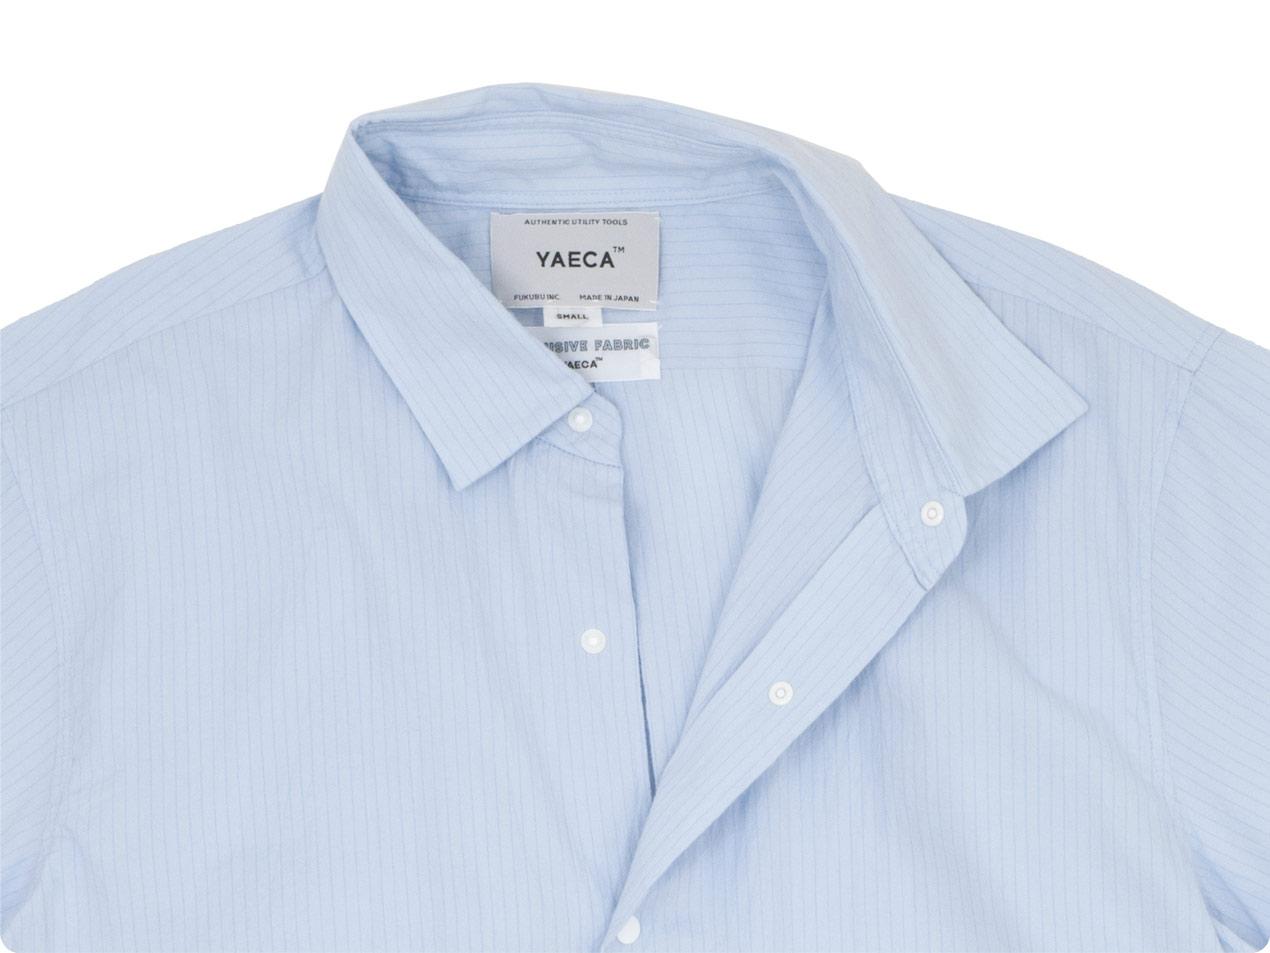 YAECA コンフォートシャツ リラックス ロング 半袖